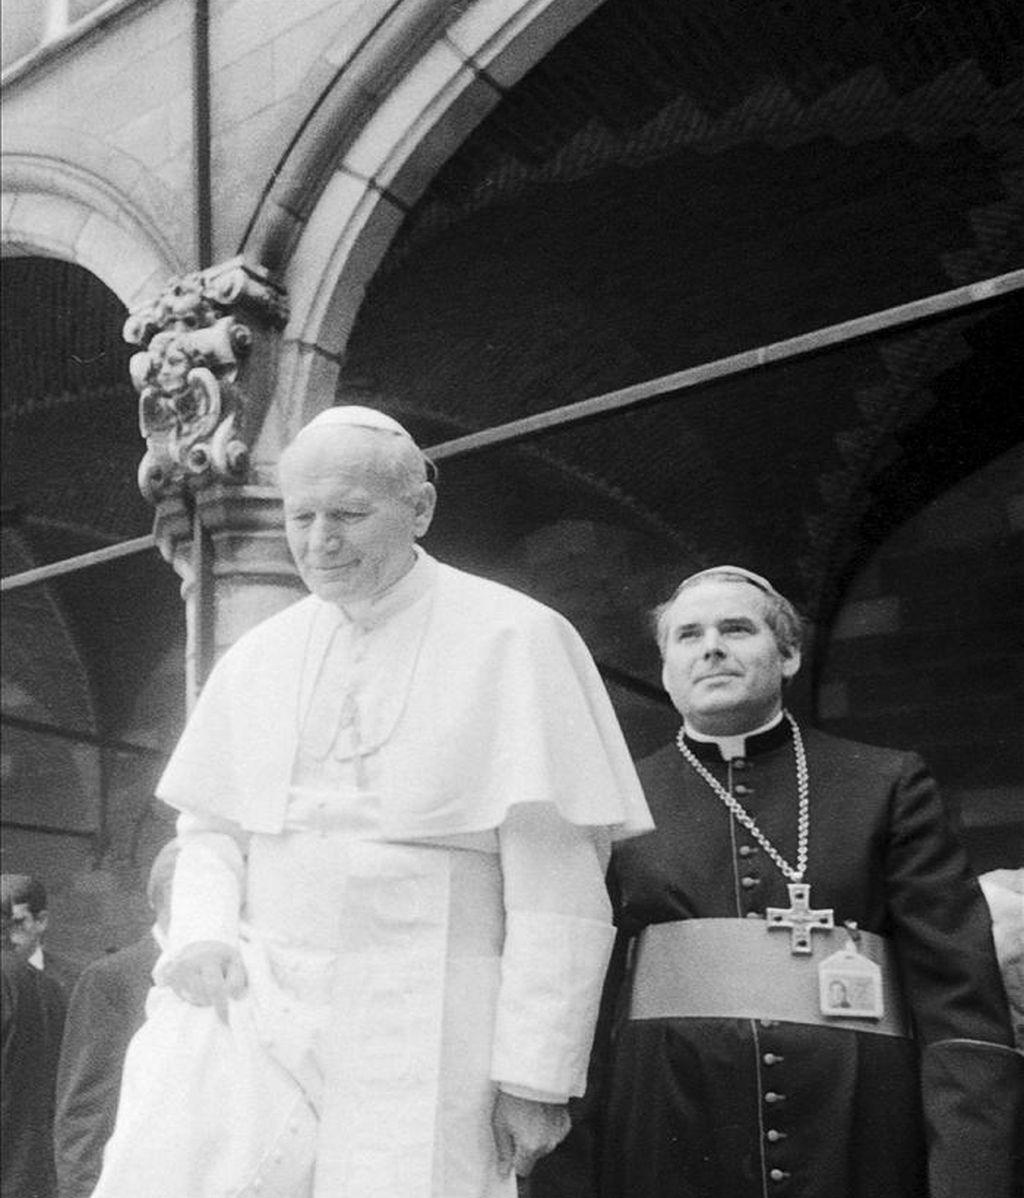 Fotografía de archivo tomada el 17 de mayo de 1985 que muestra al entonces obispo de Brujas Roger Joseph Vangheluwe (d) junto al papa Juan Pablo II , durante la visita de este último a la localidad de Ypres (Bélgica). EFE/Archivo